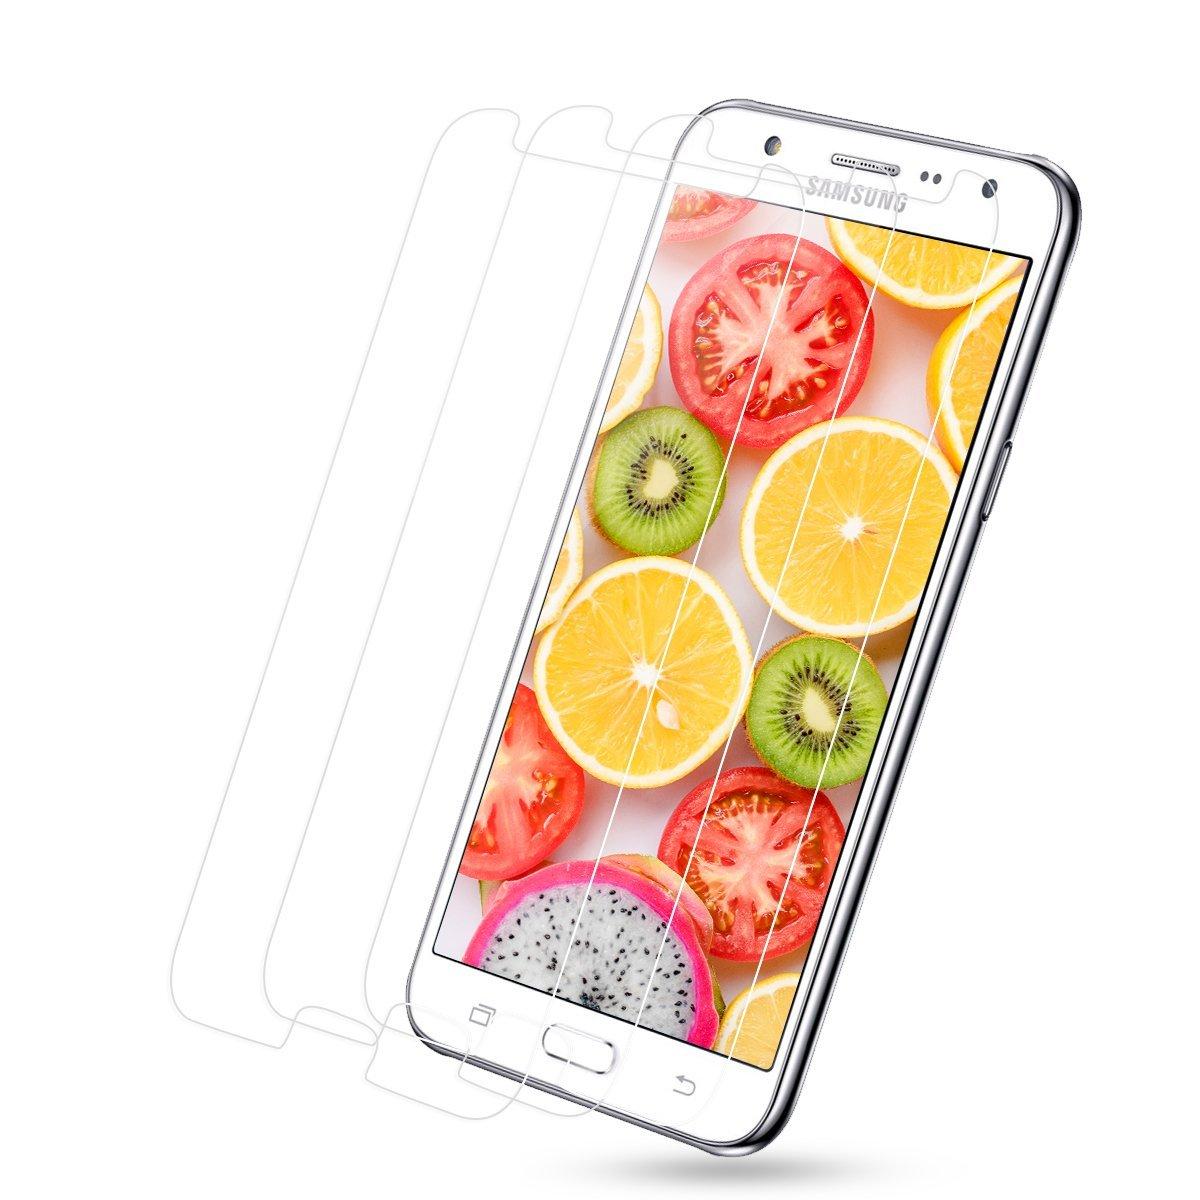 Samsung Schutzfolie Galaxy J5 amazon